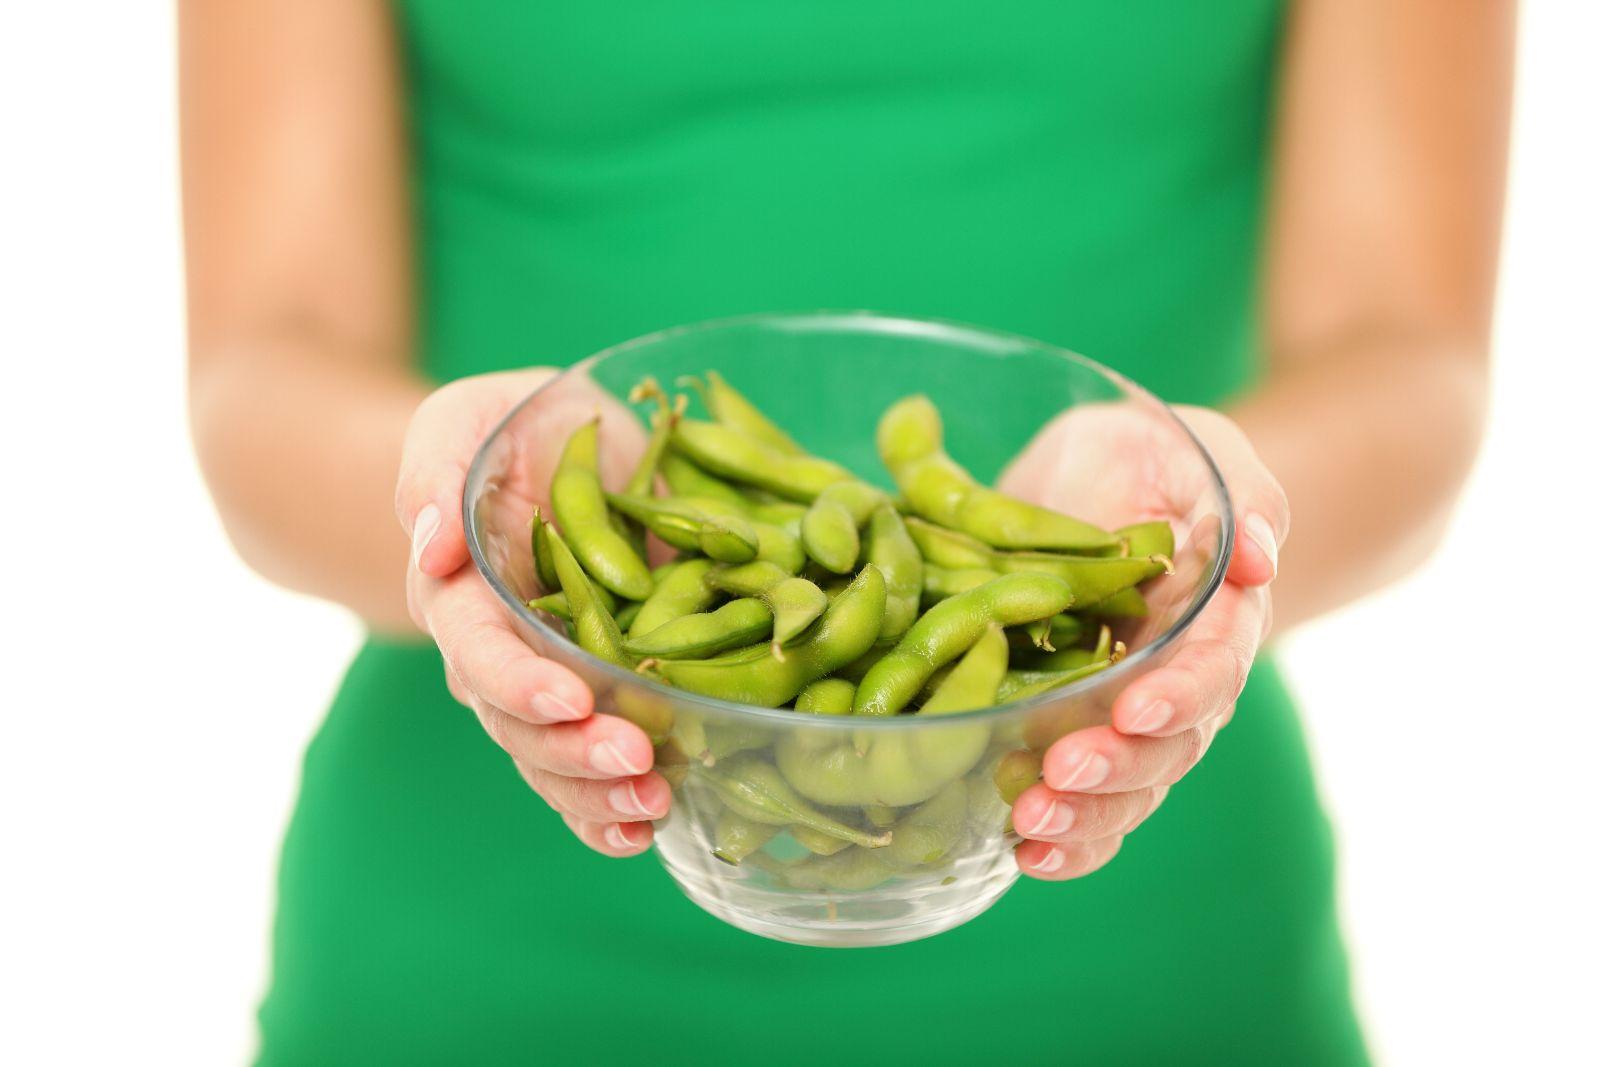 Acecamiento a las manos de una mujer con vestido vede que sostiene un recipiente con bayas de soya